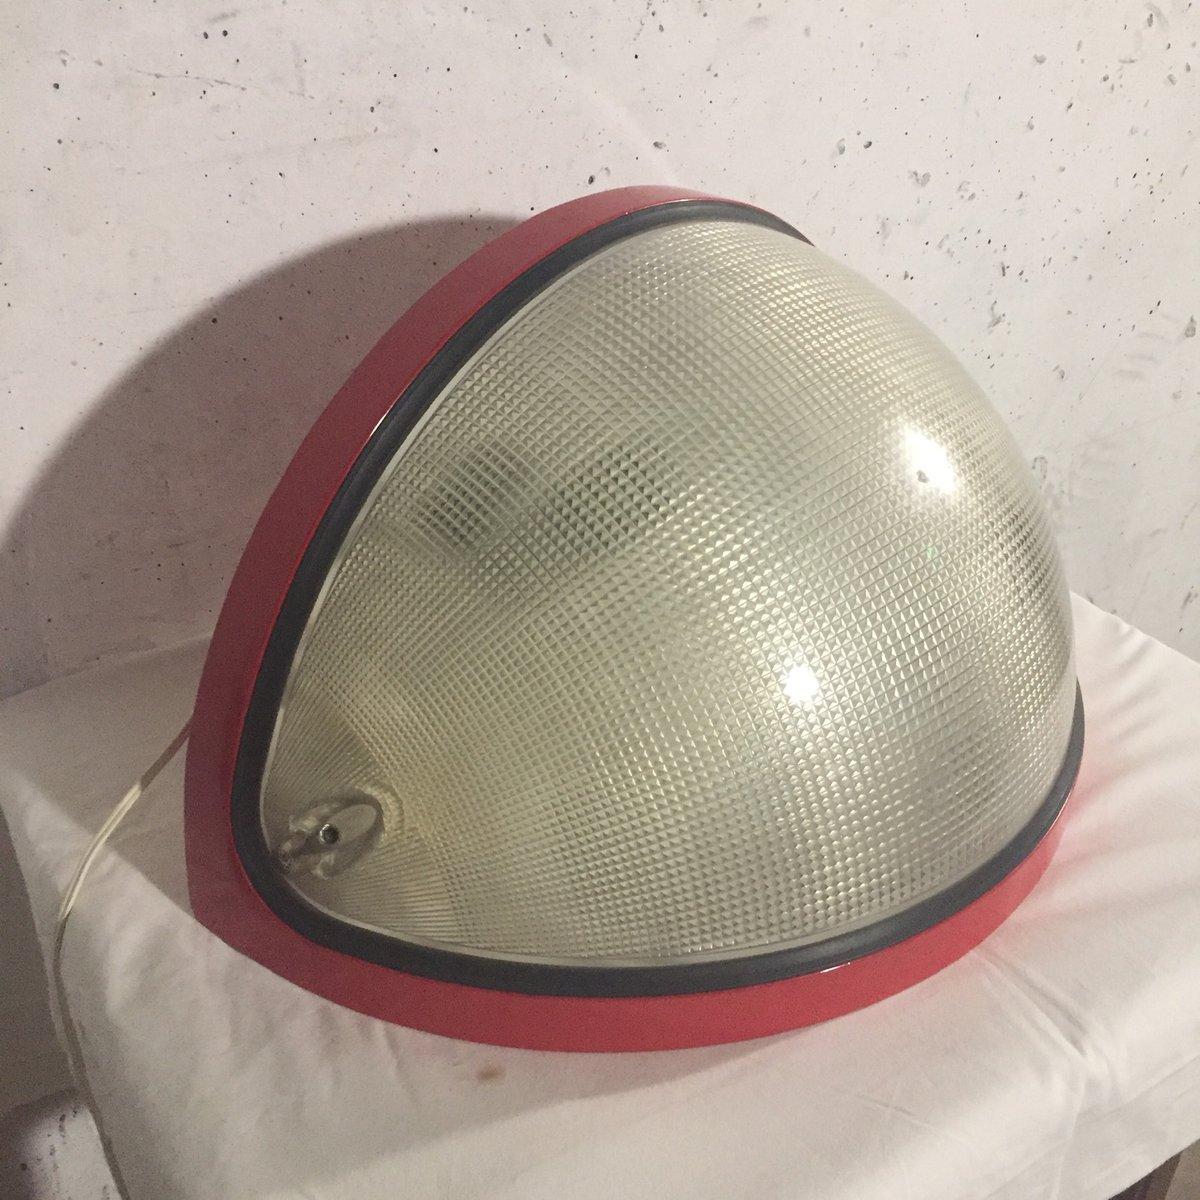 Totum Lampe von M. Boccato, G. Gigante & A. Zambusi für Zerbetto, 1970...